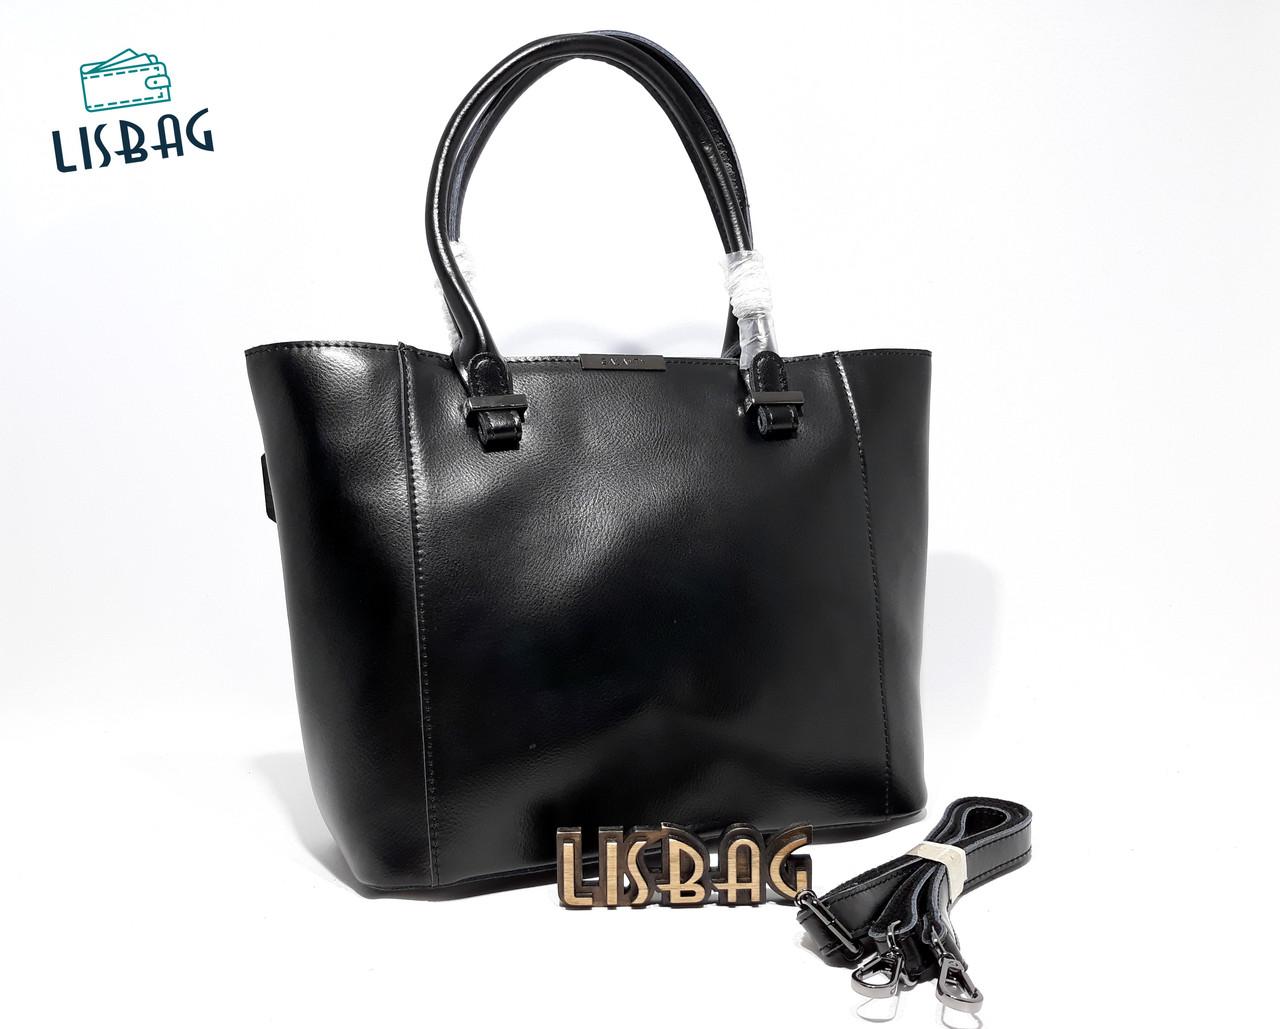 504891049ac6 Вместительная черная сумка из натуральной кожи Galanty для повседневной  носки, ...